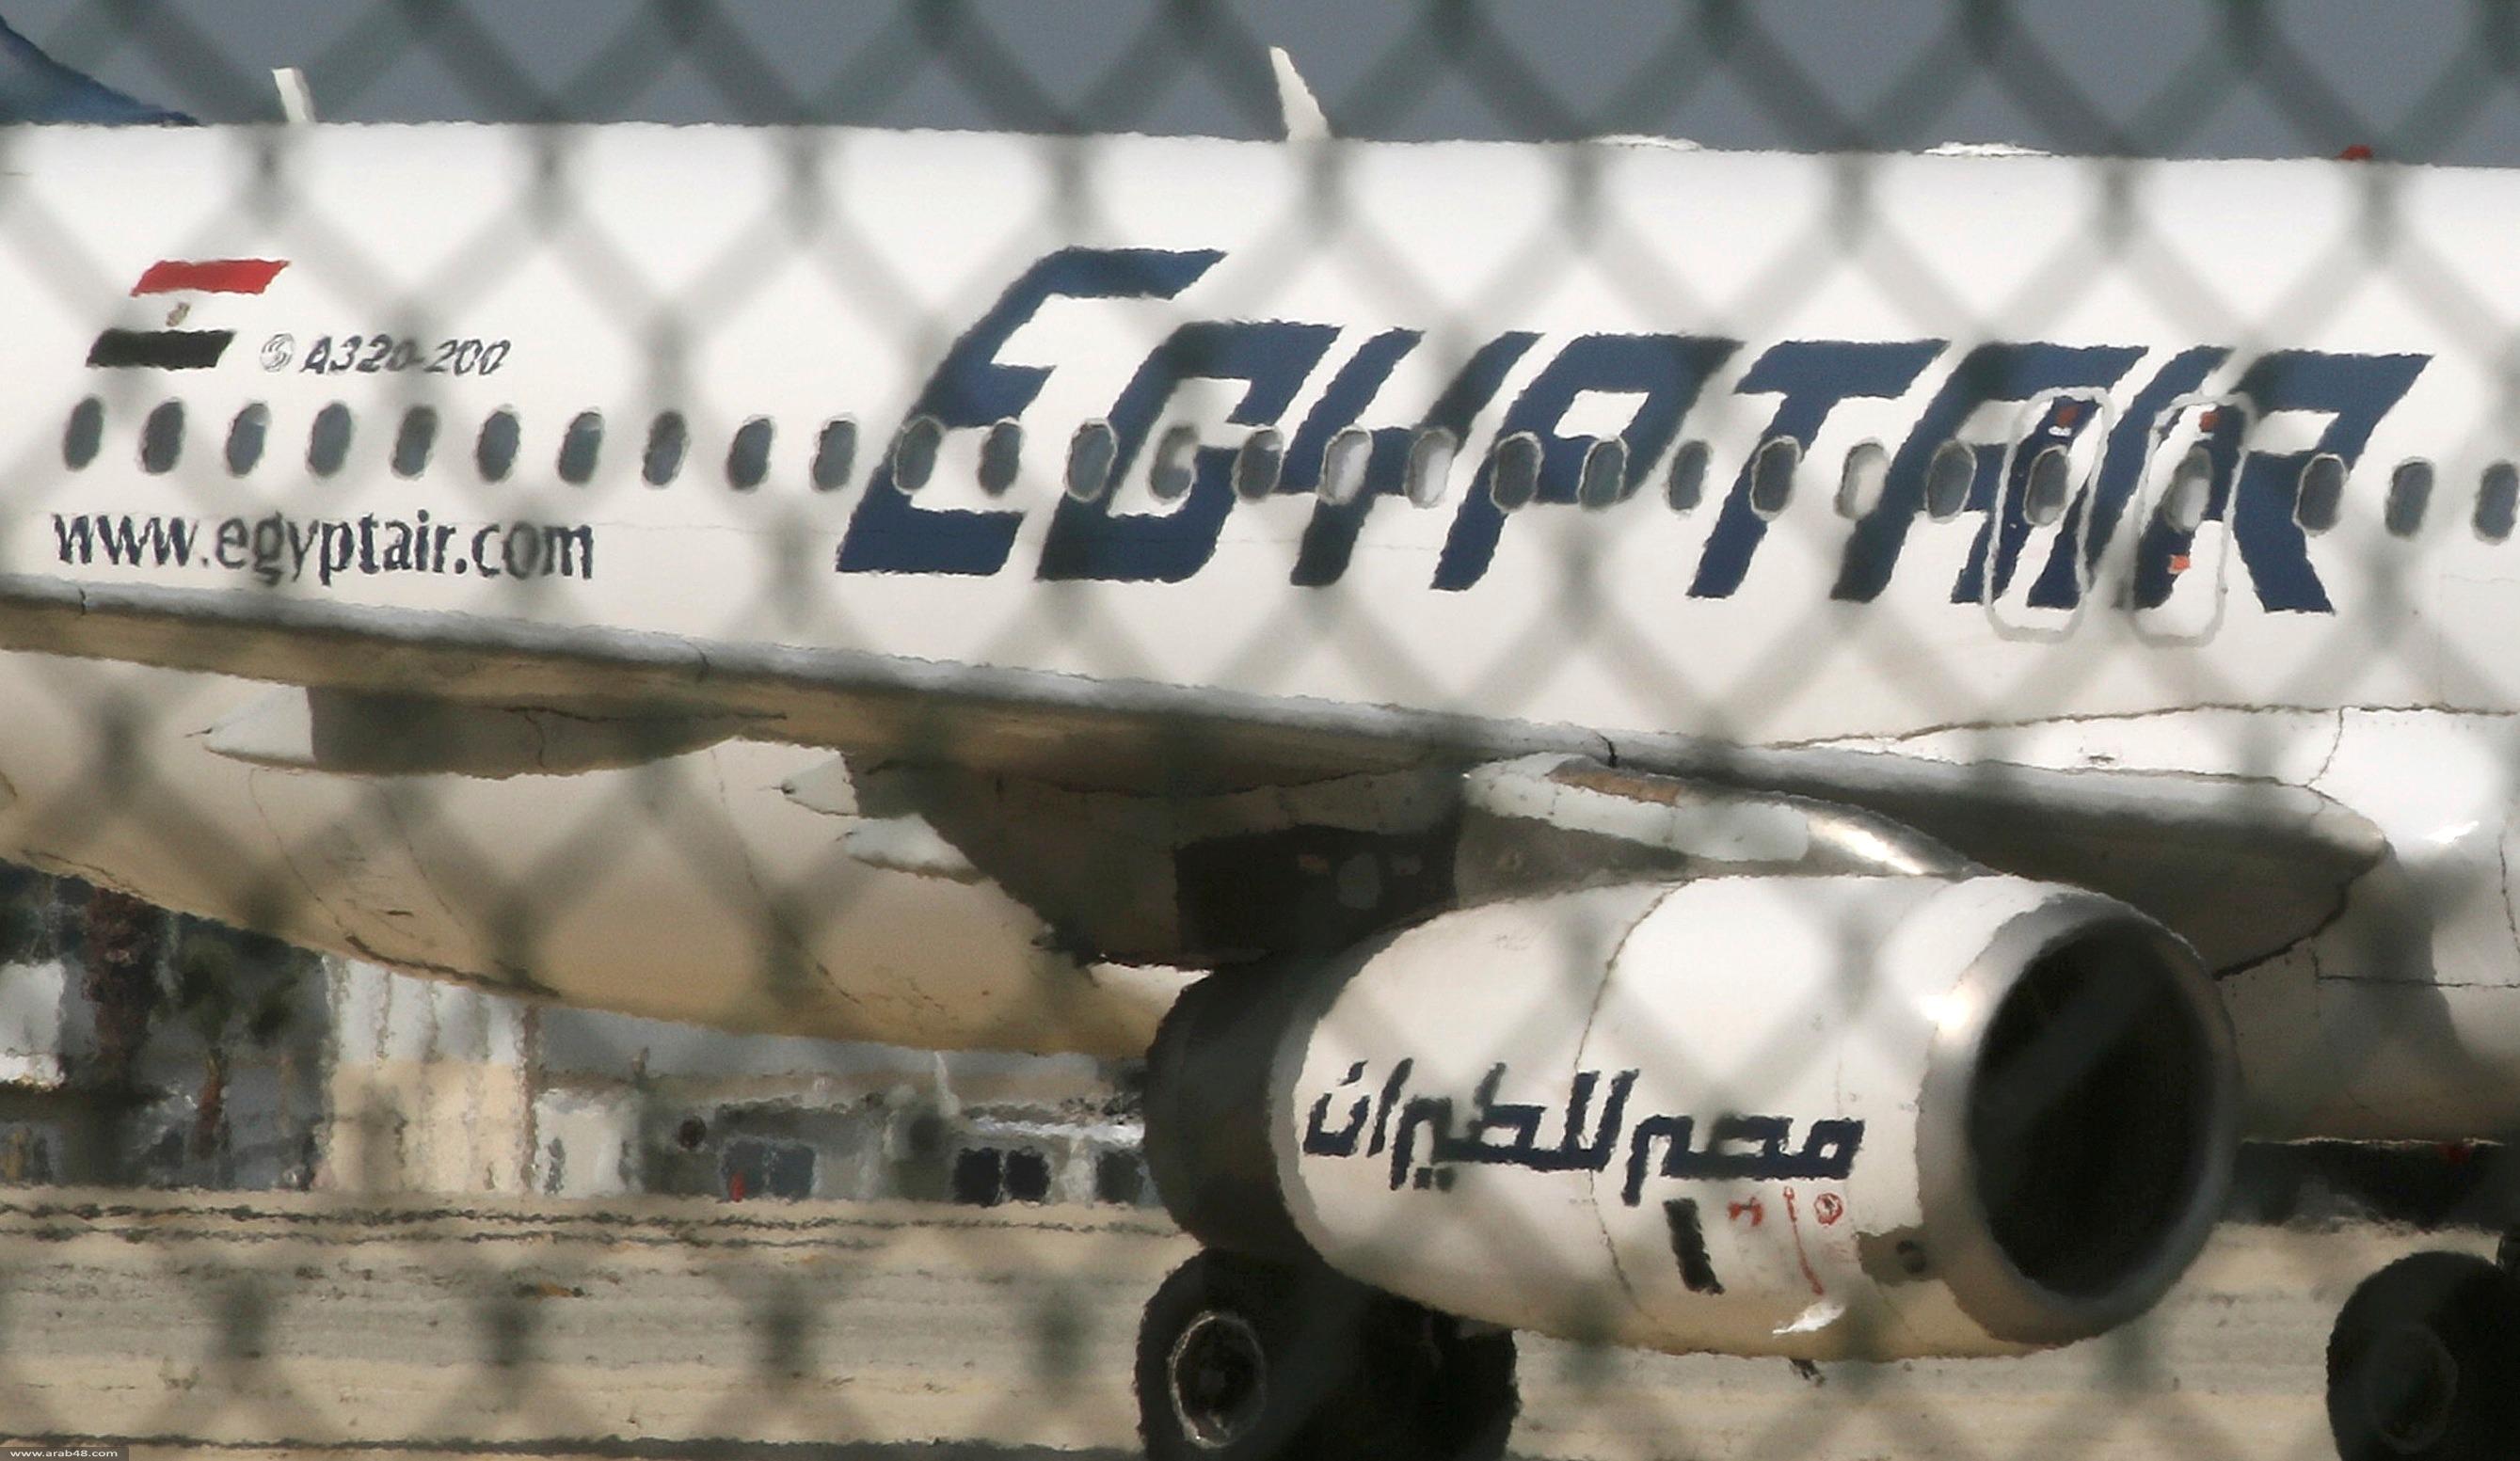 اختطاف الطائرة المصرية: المختطف يسلم نفسه